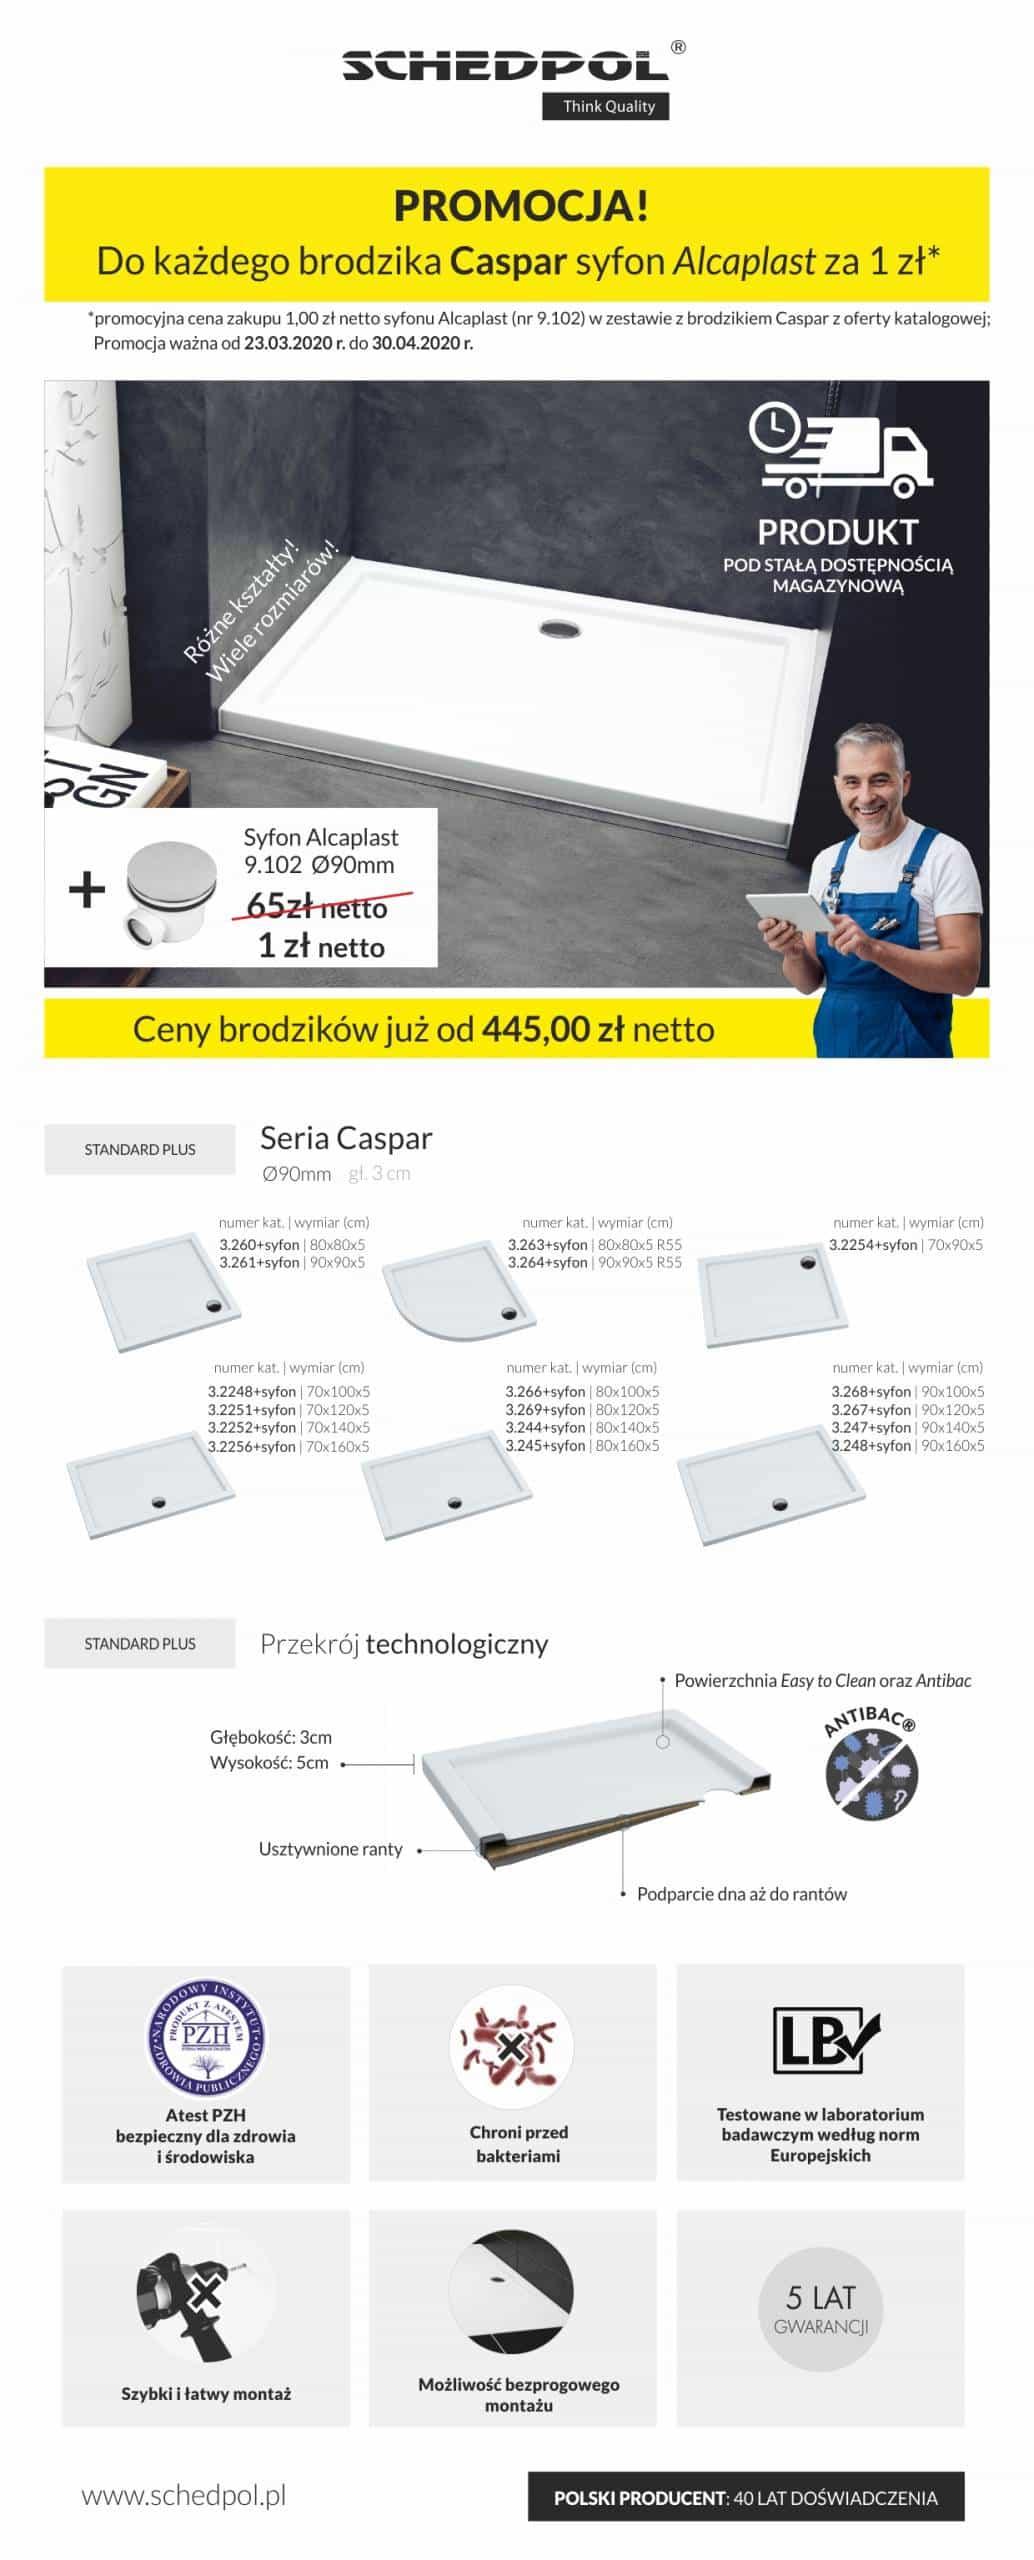 Seria Caspar w zestawie z syfonem brodzikowym AlcaPlast 90mm w promocyjnej cenie zakupu!